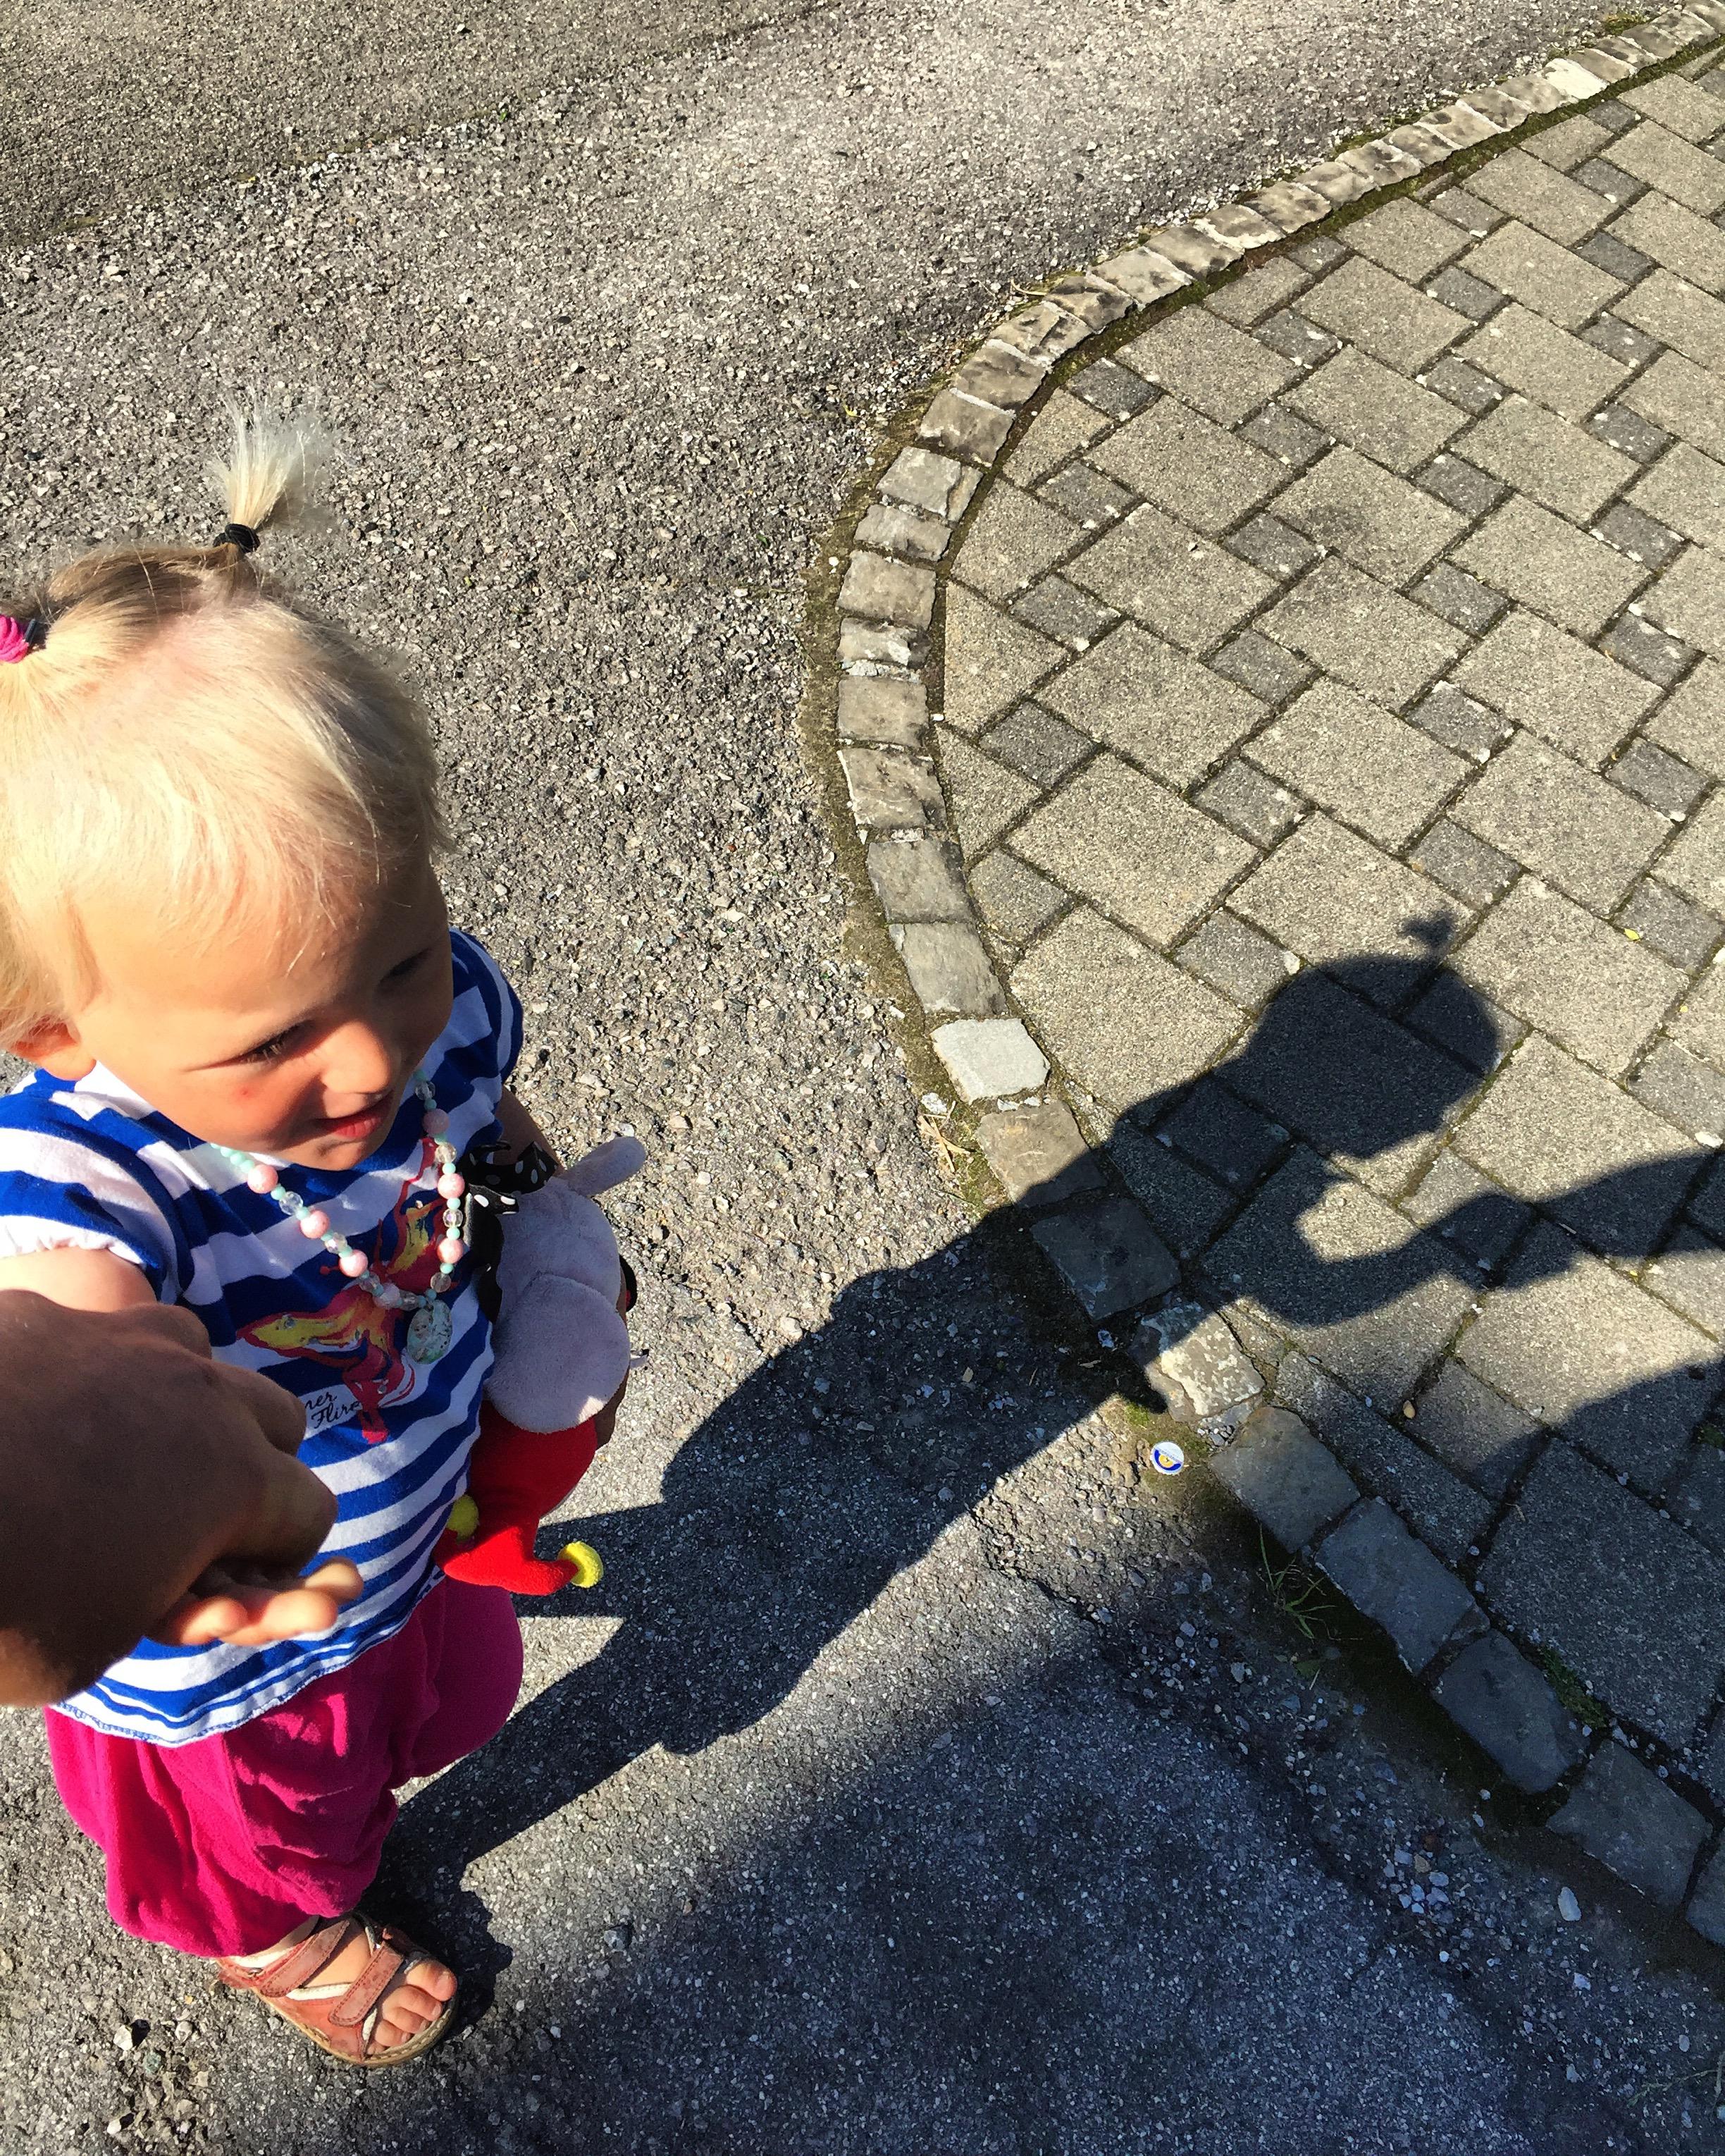 Donderdagochtend lopen Liza en ik naar de moederochtend. Ik was echt verliefd op haar schaduw